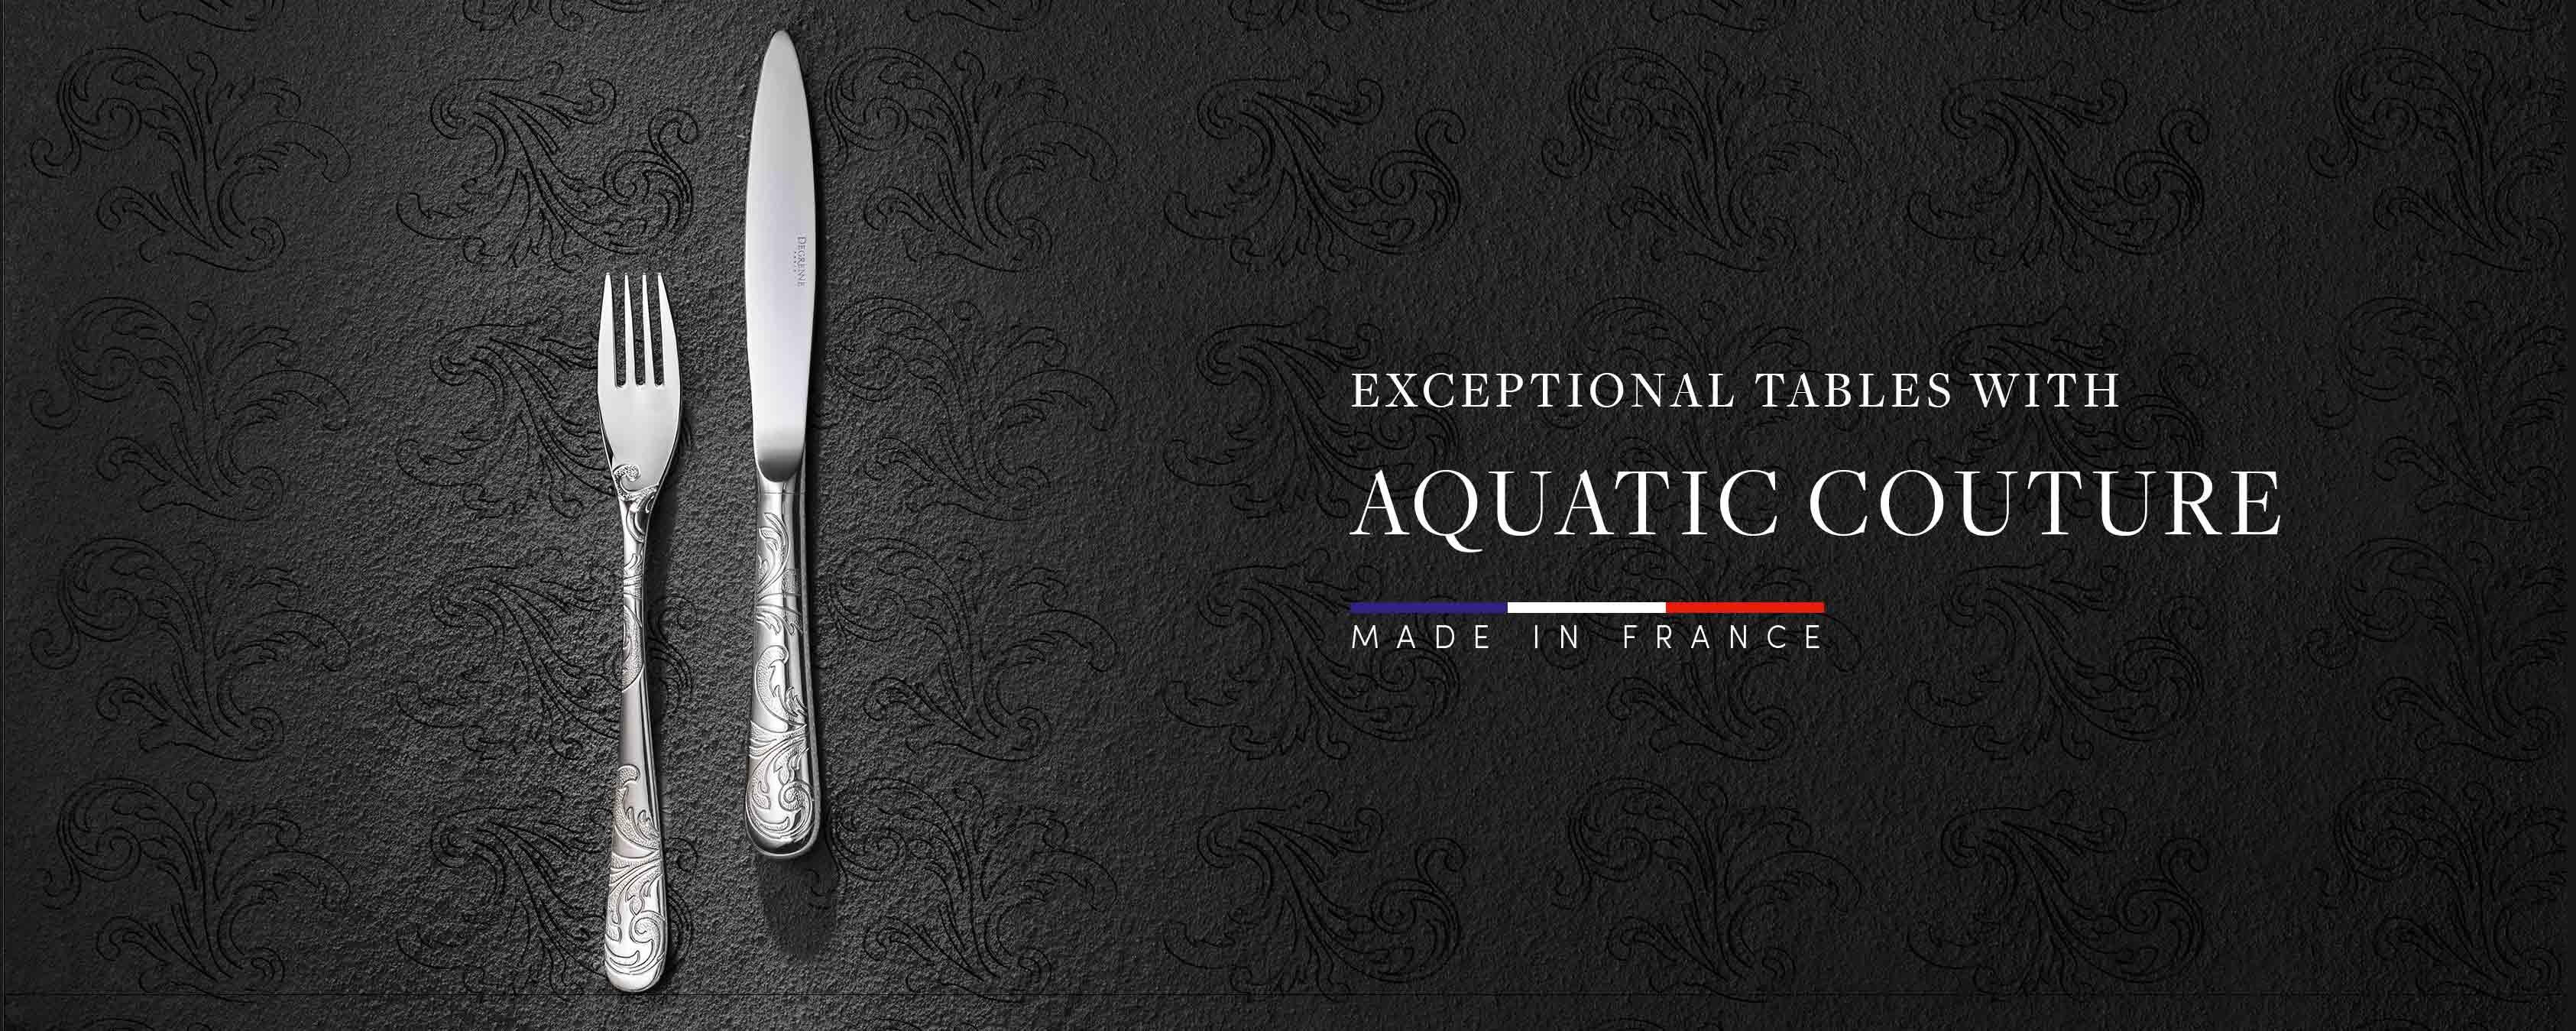 Aquatic Couture - CHR - EN